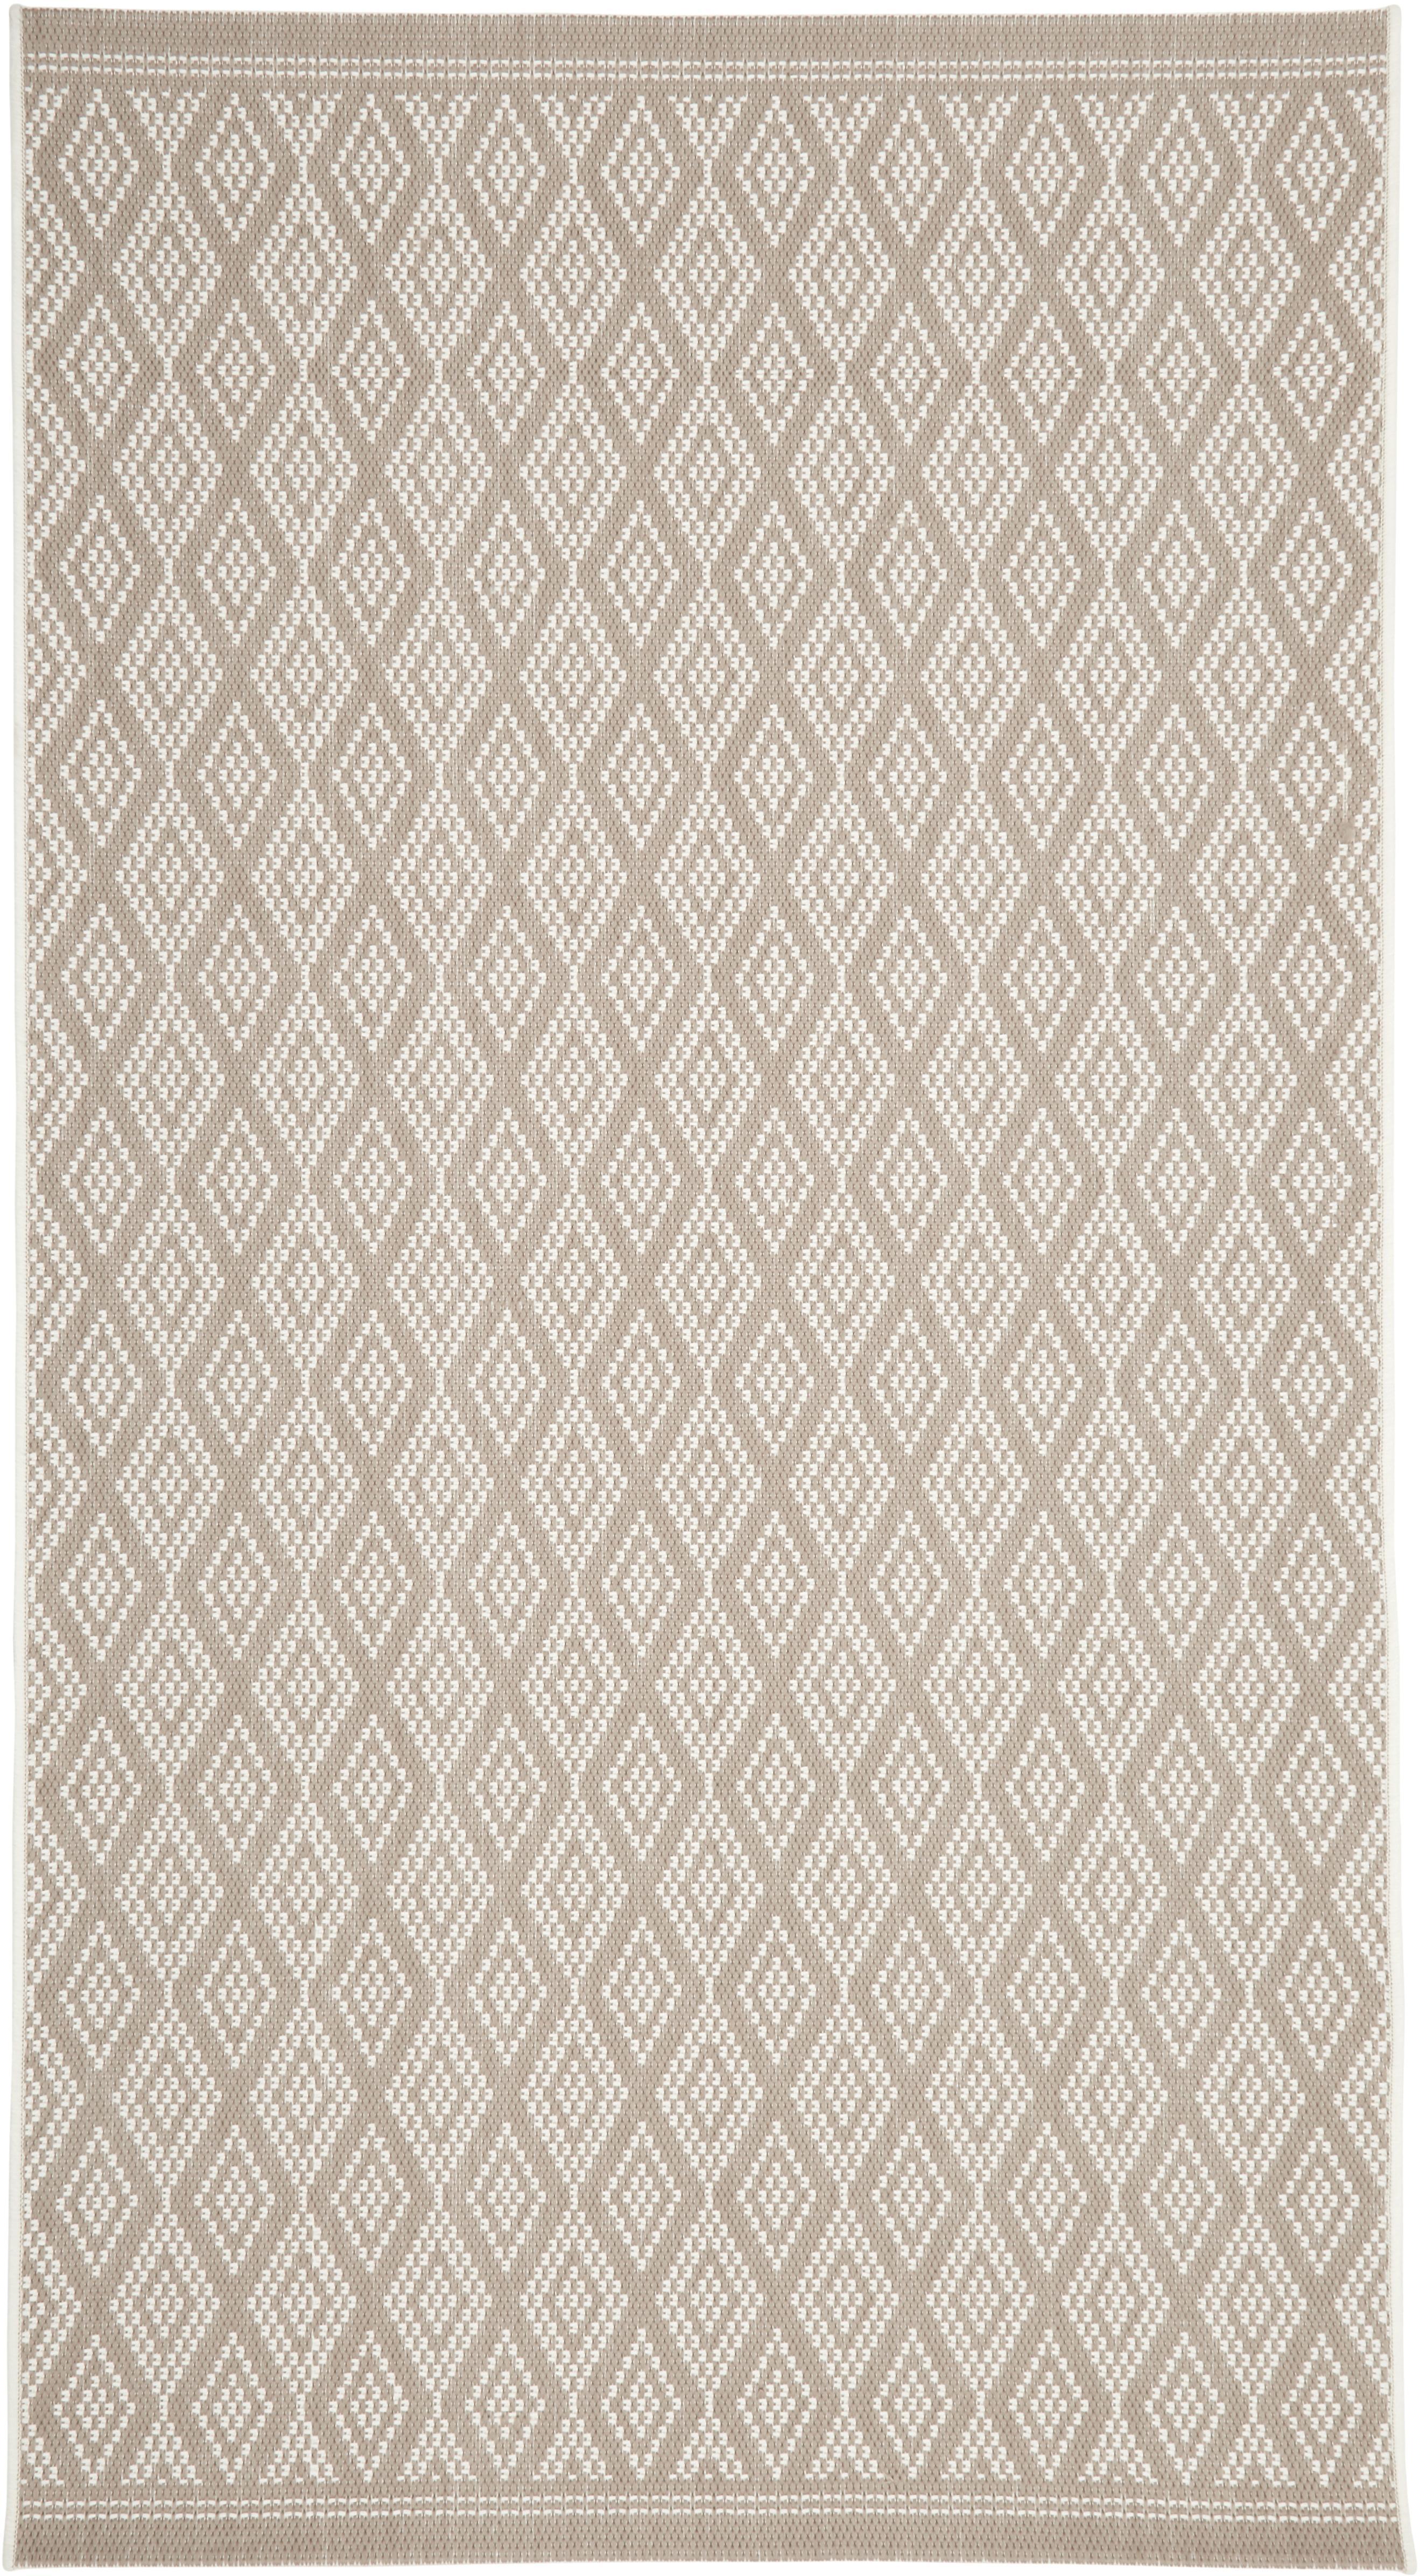 Dywan wewnętrzny/zewnętrzny Capri, Kremowobiały, beżowy, S 80 x D 150 cm (Rozmiar XS)